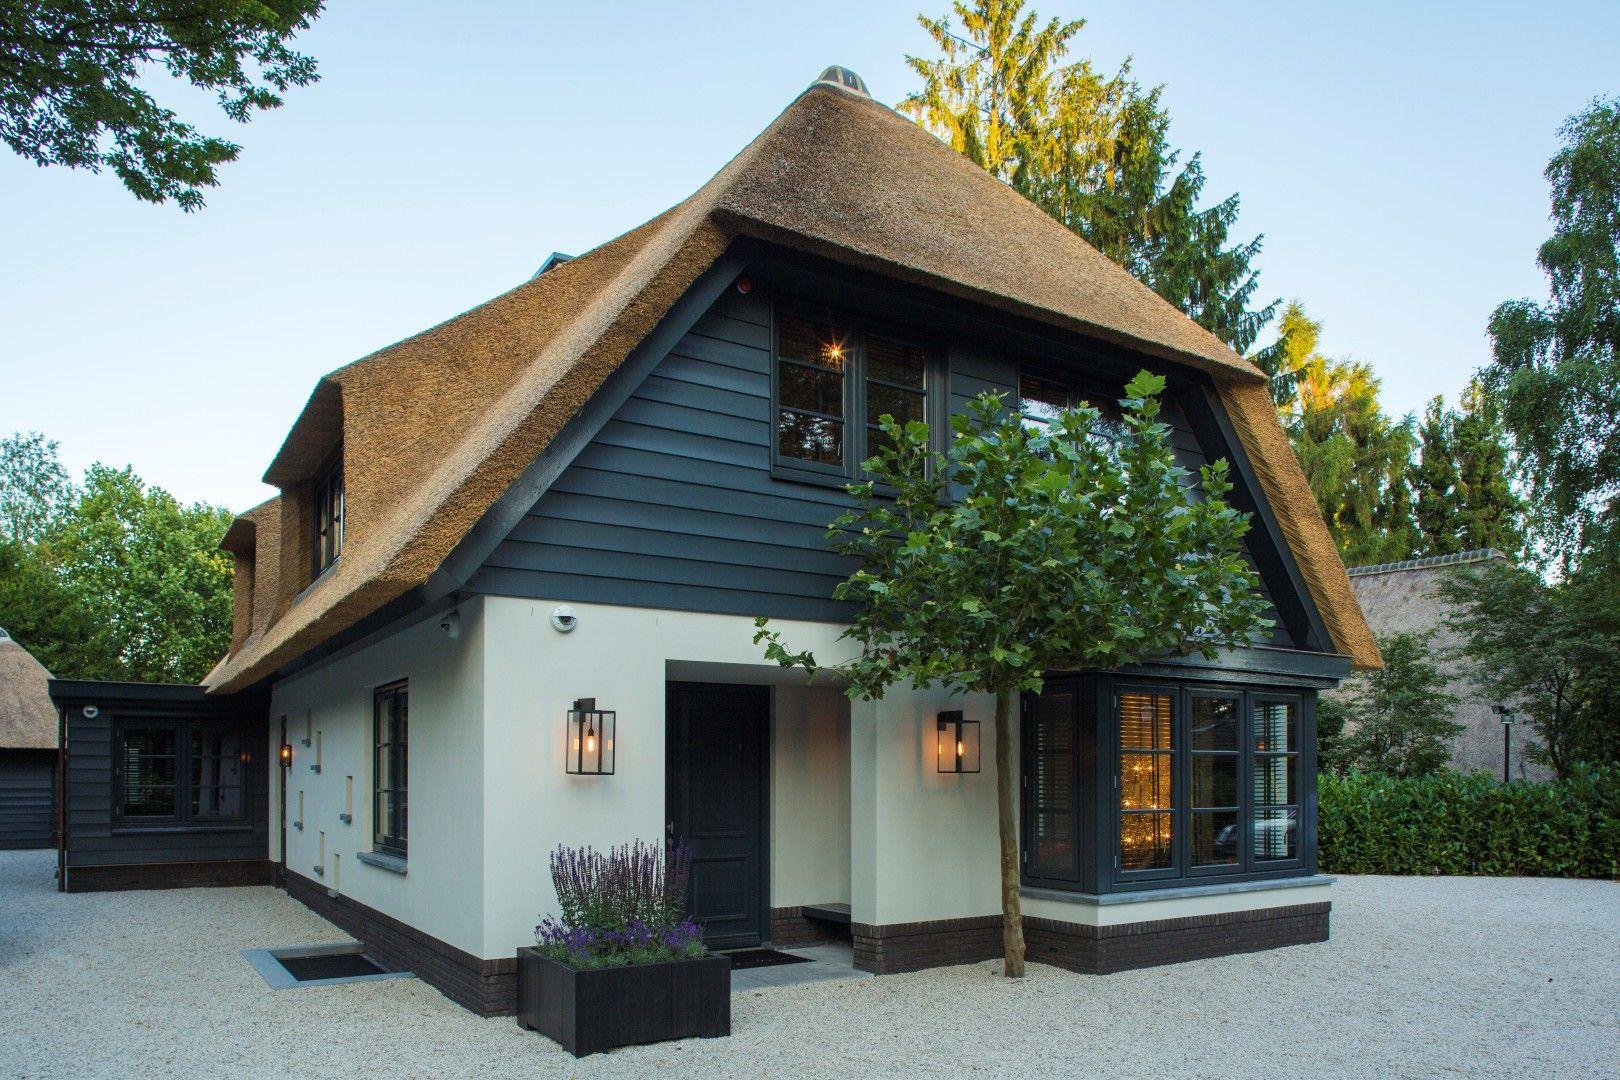 Droomhuis in de luwte van blaricum ideeën voor het huis